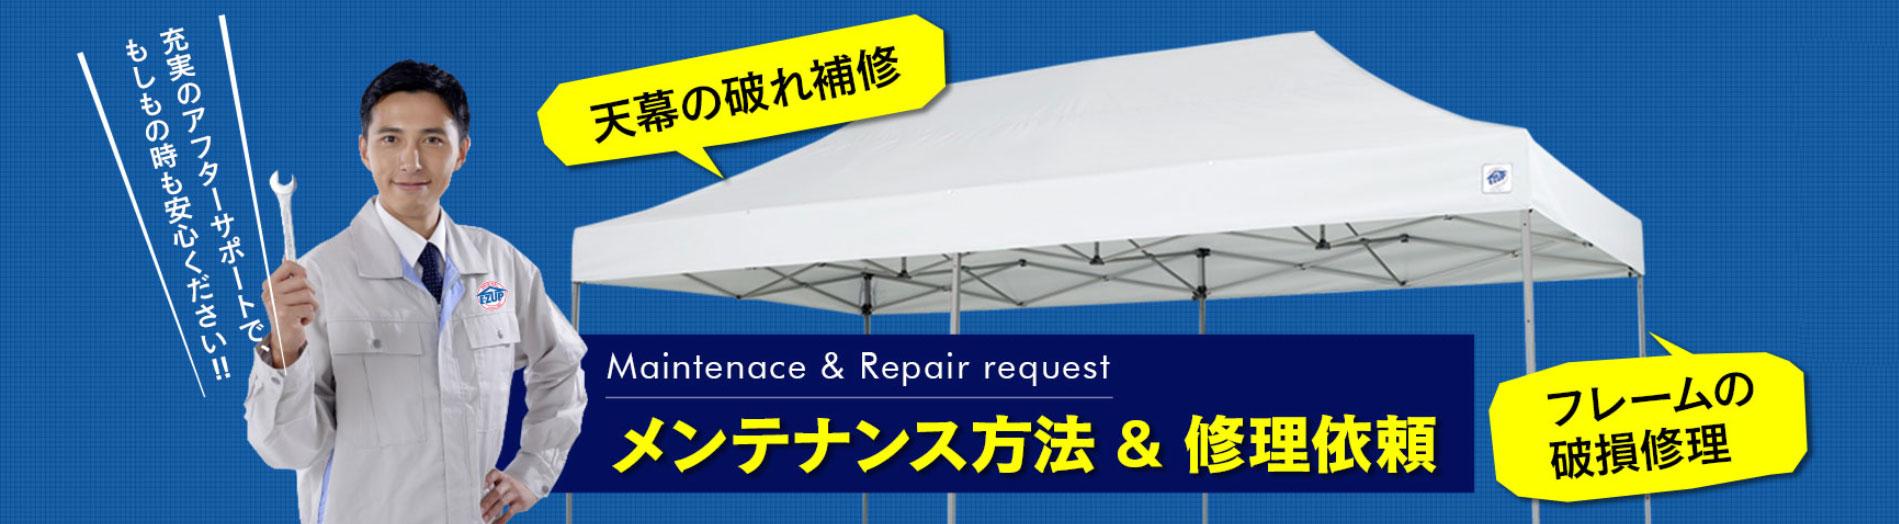 イベント用テントのメンテナンス方法と修理依頼